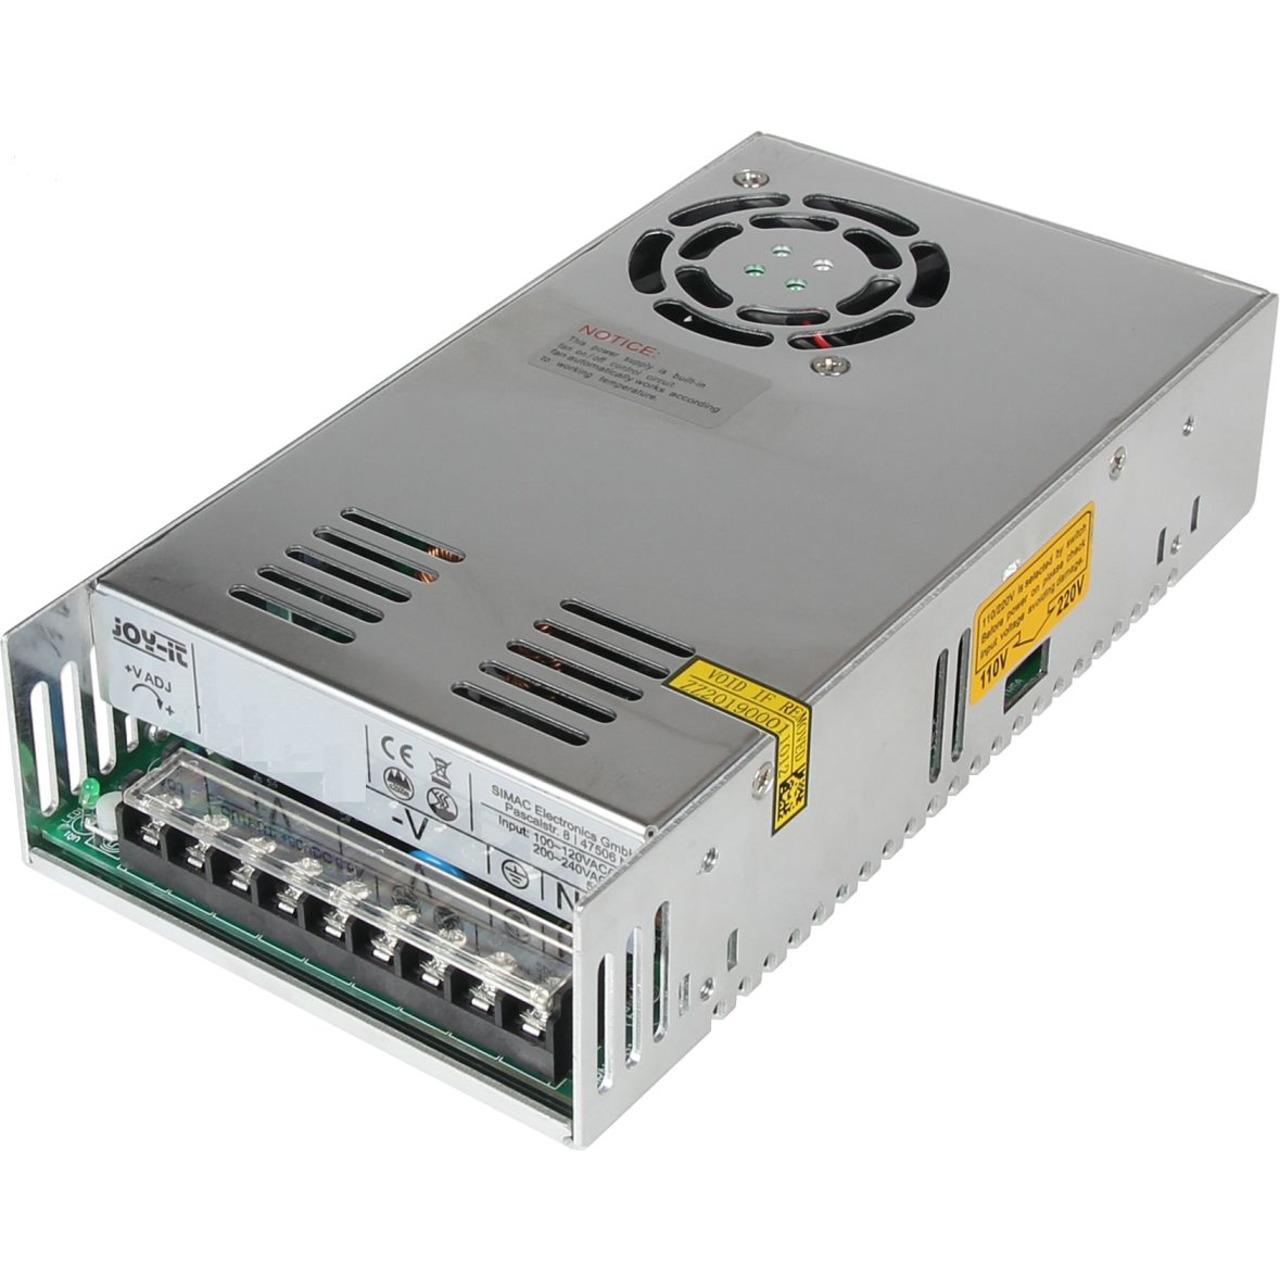 Joy-IT Industrienetzteil für das JT-RD6012- JT-RD6012-NT mit 65 V-12 A- max- 780 W